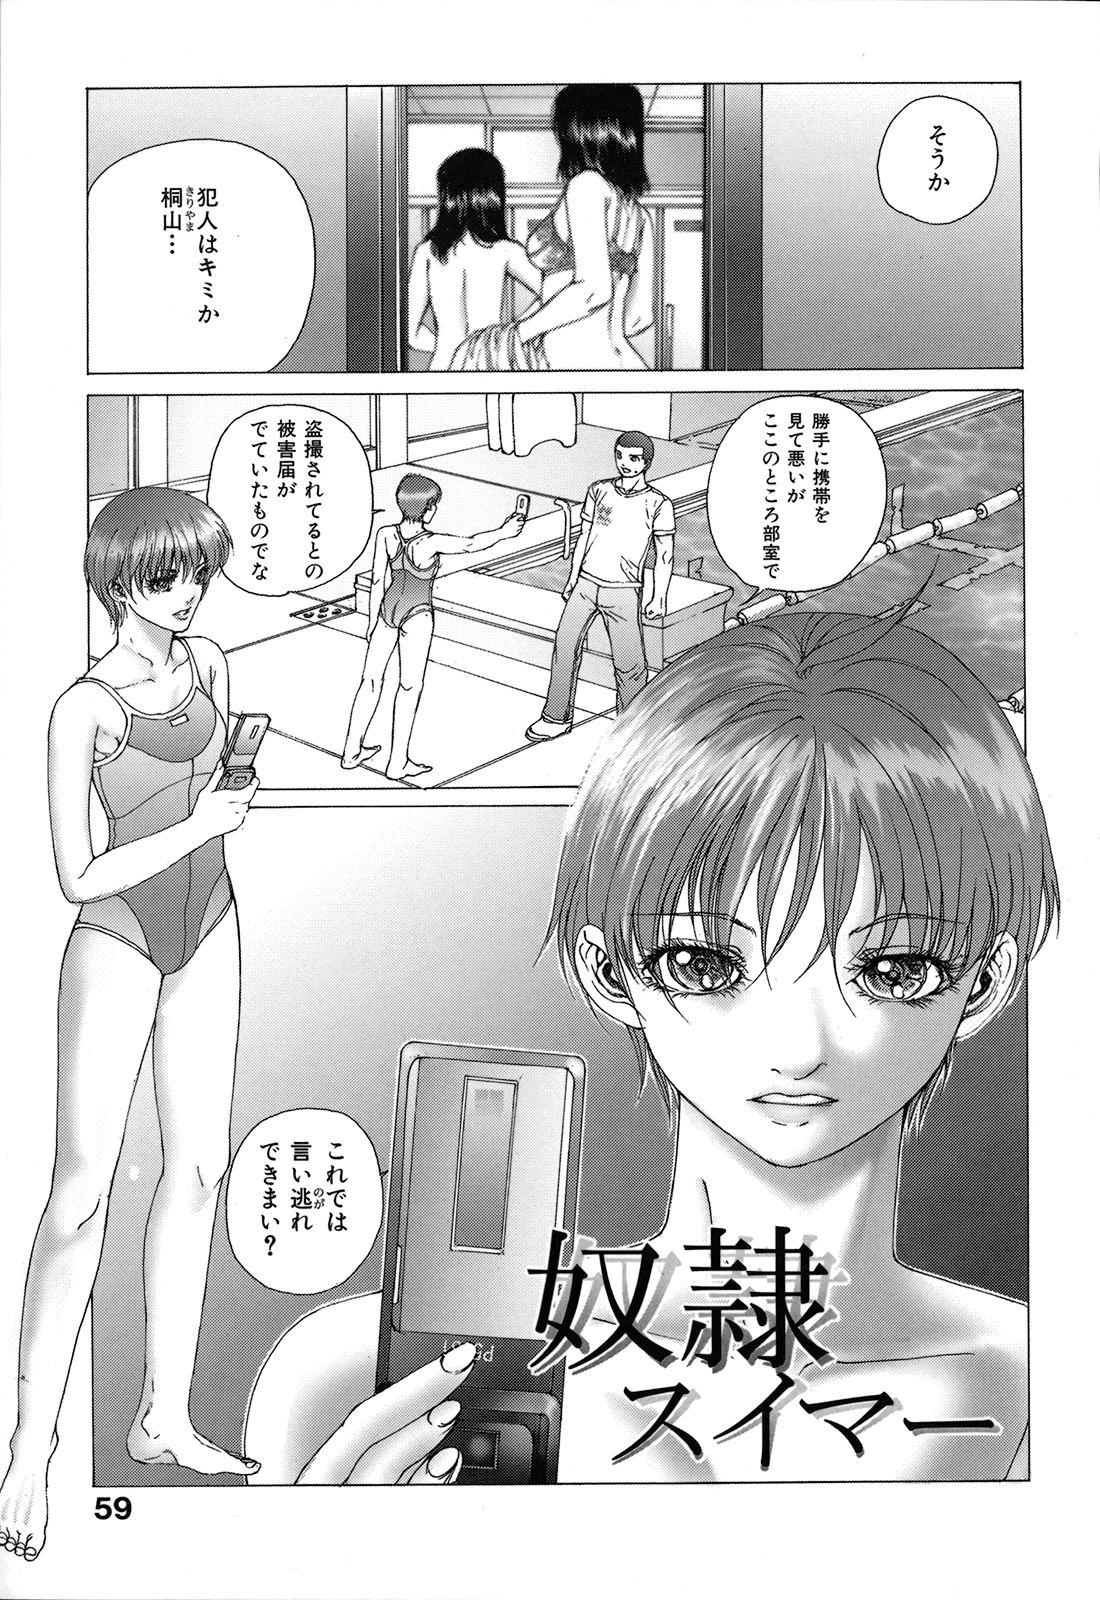 Kou Musume 62